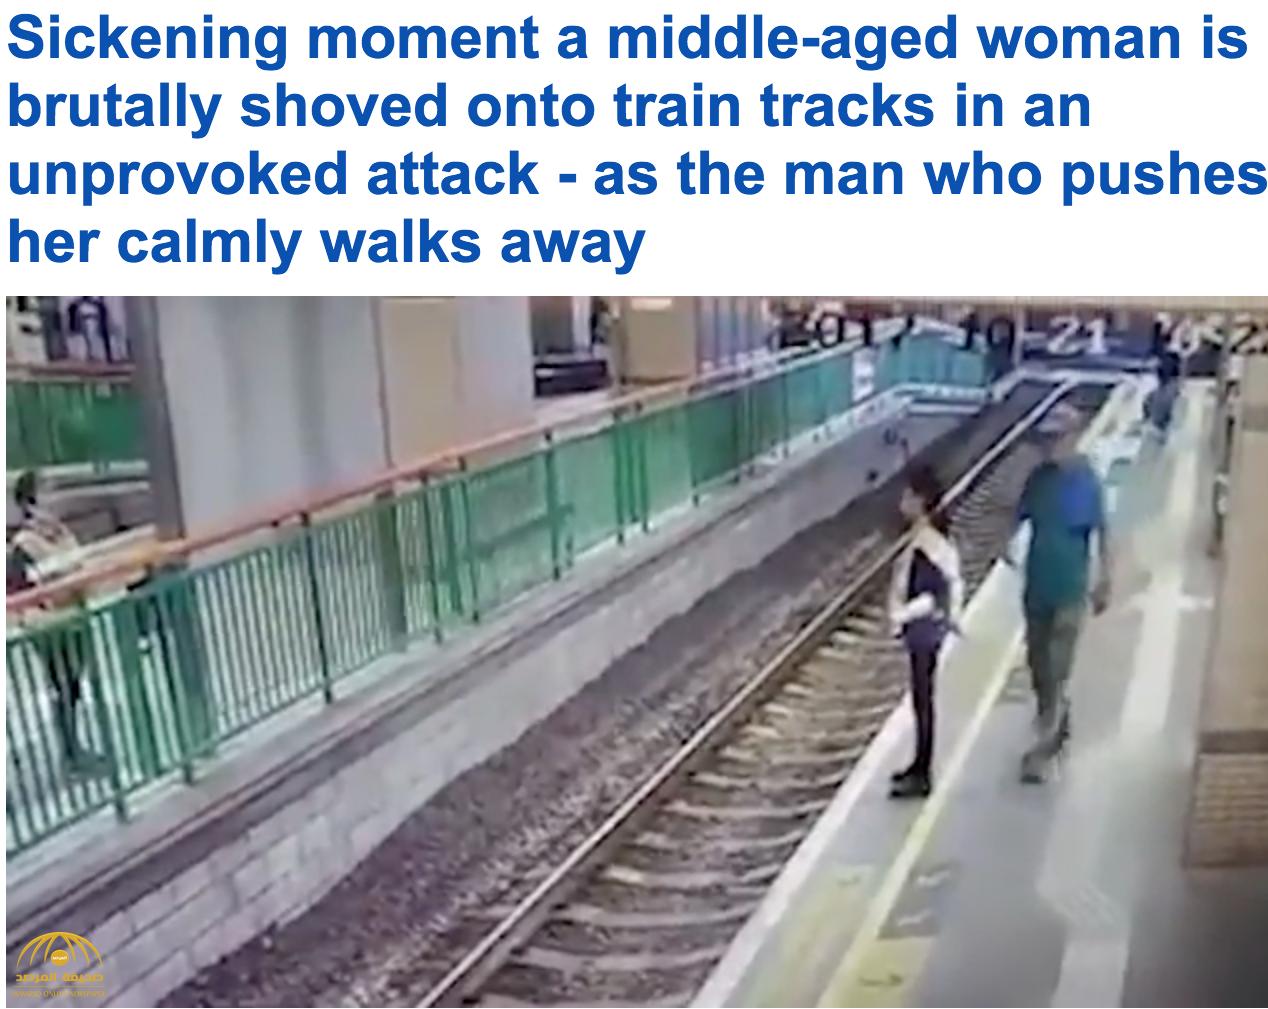 شاهد.. رجل يدفع عاملة نظافة مسنة على قضبان سكة حديد